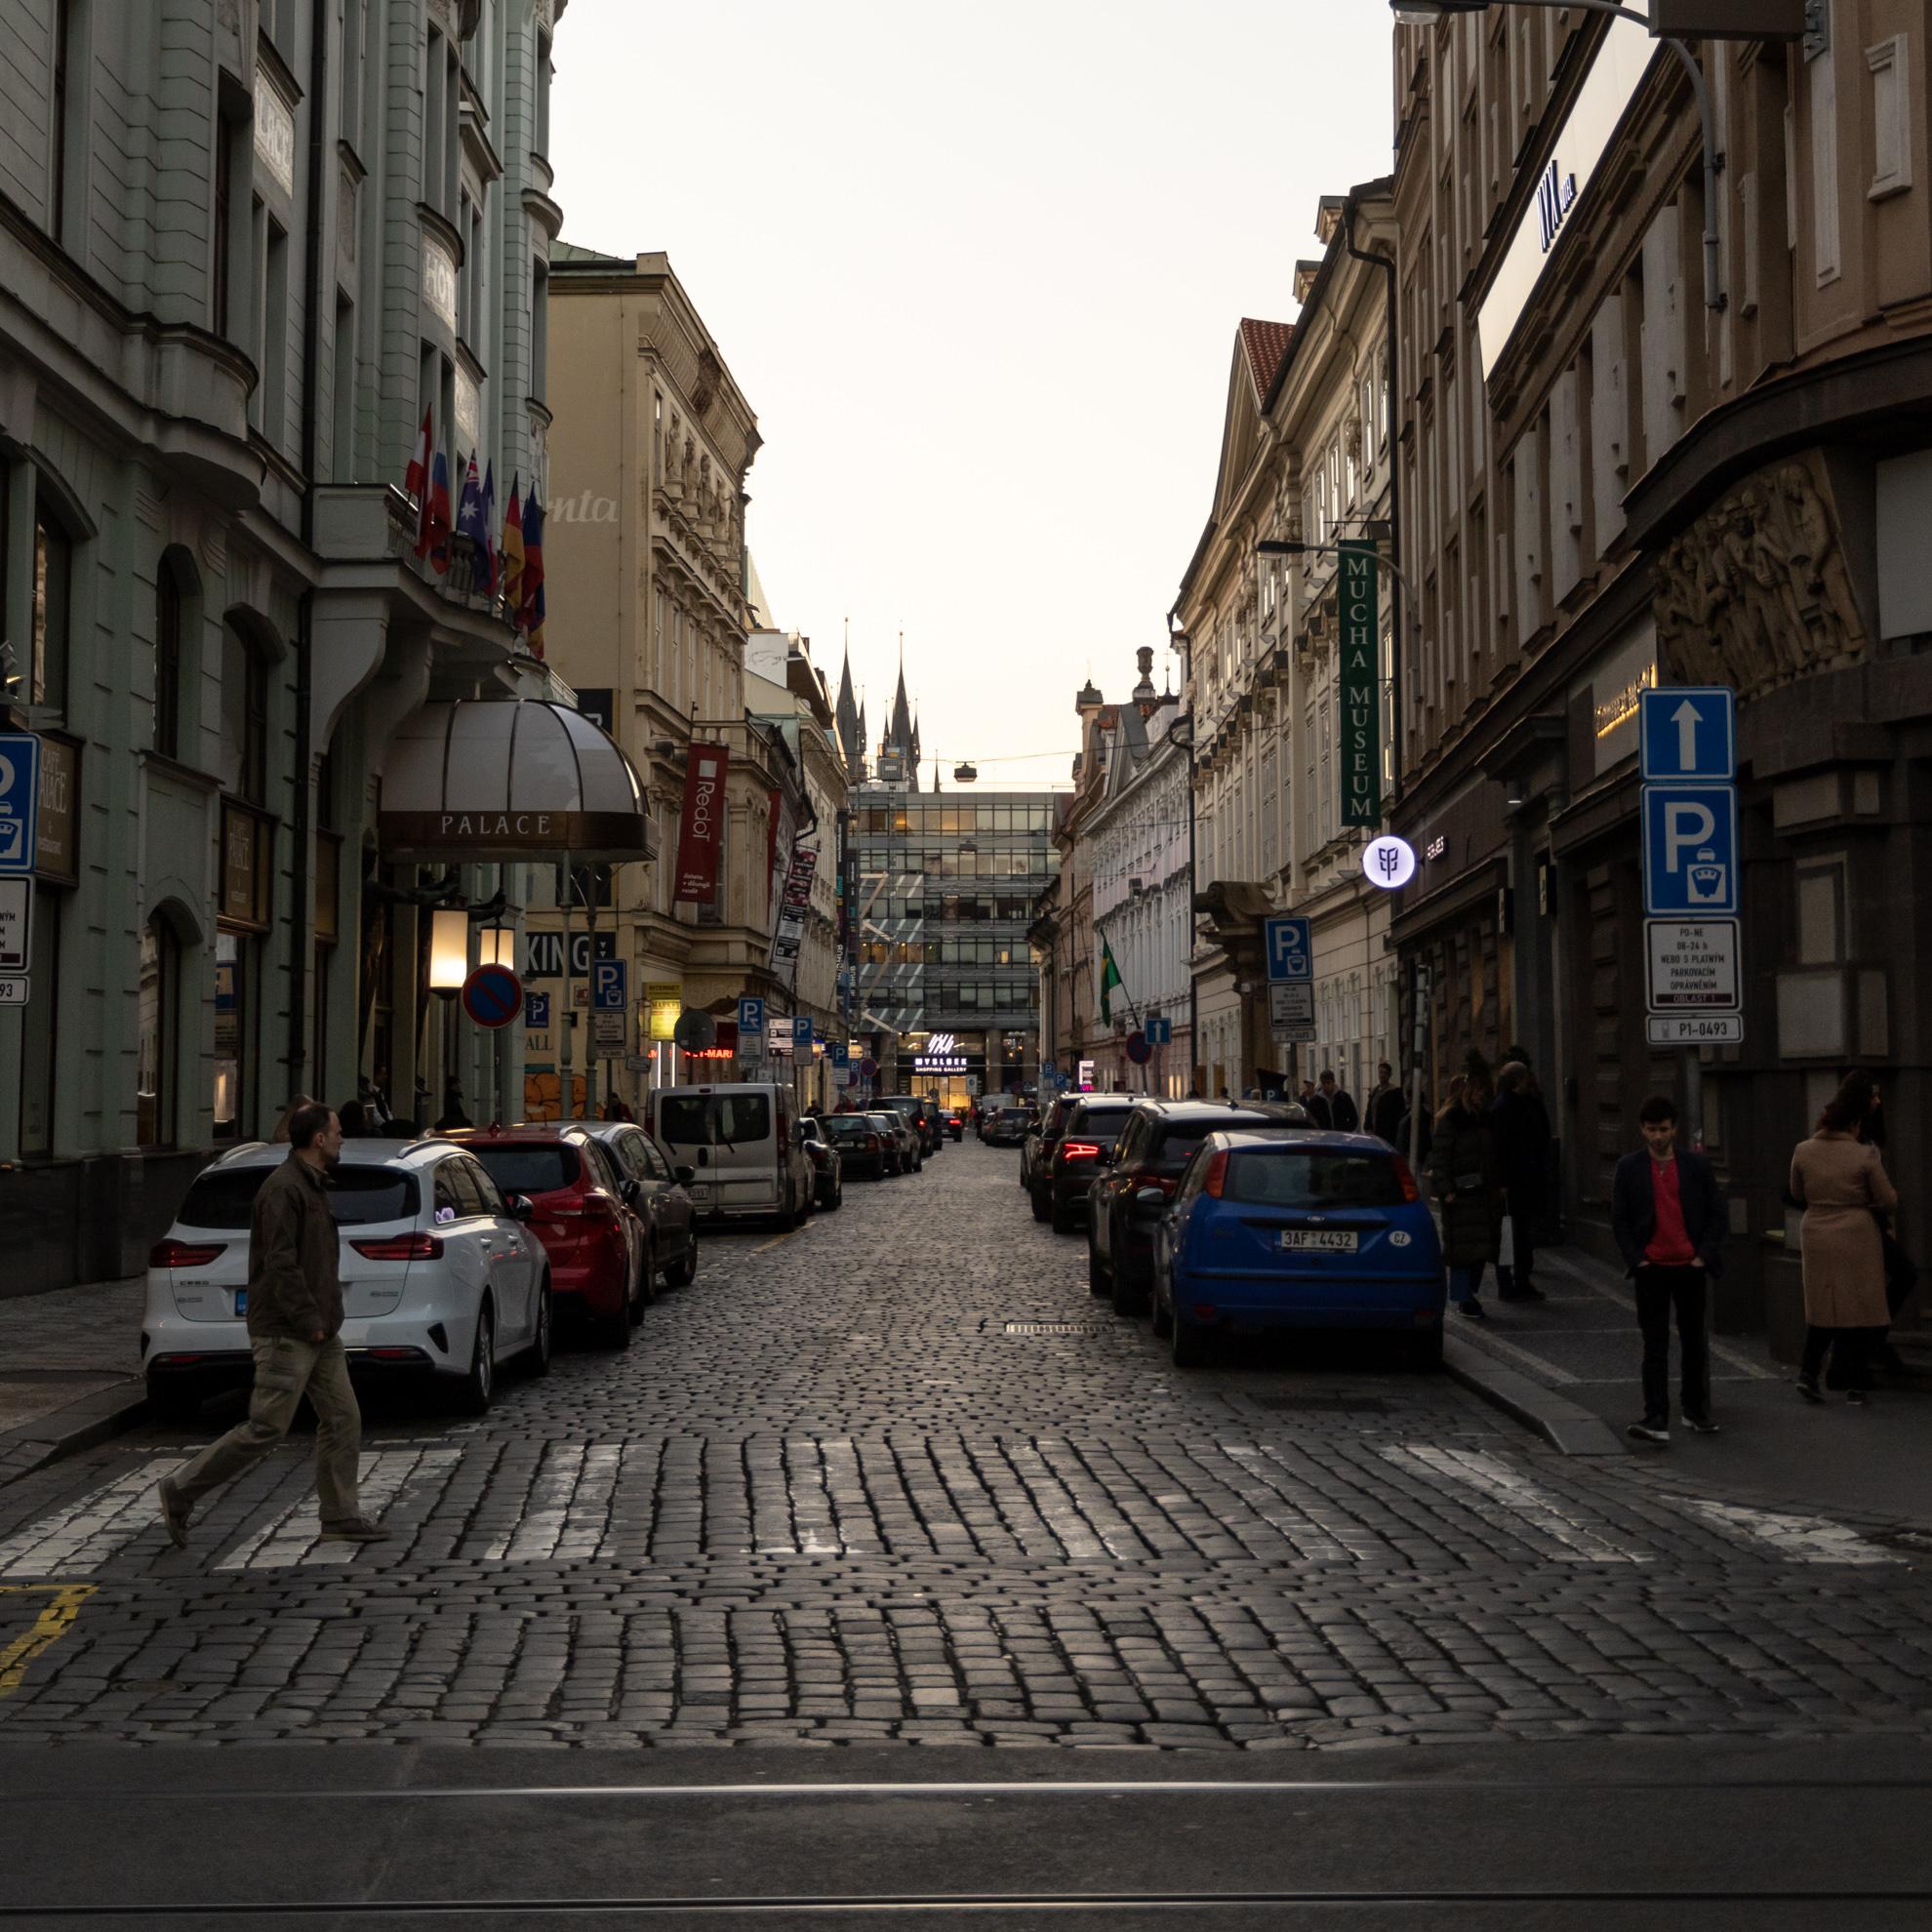 夕方の石畳の通りの様子。高いヨーロッパの建物が通りのを挟む。